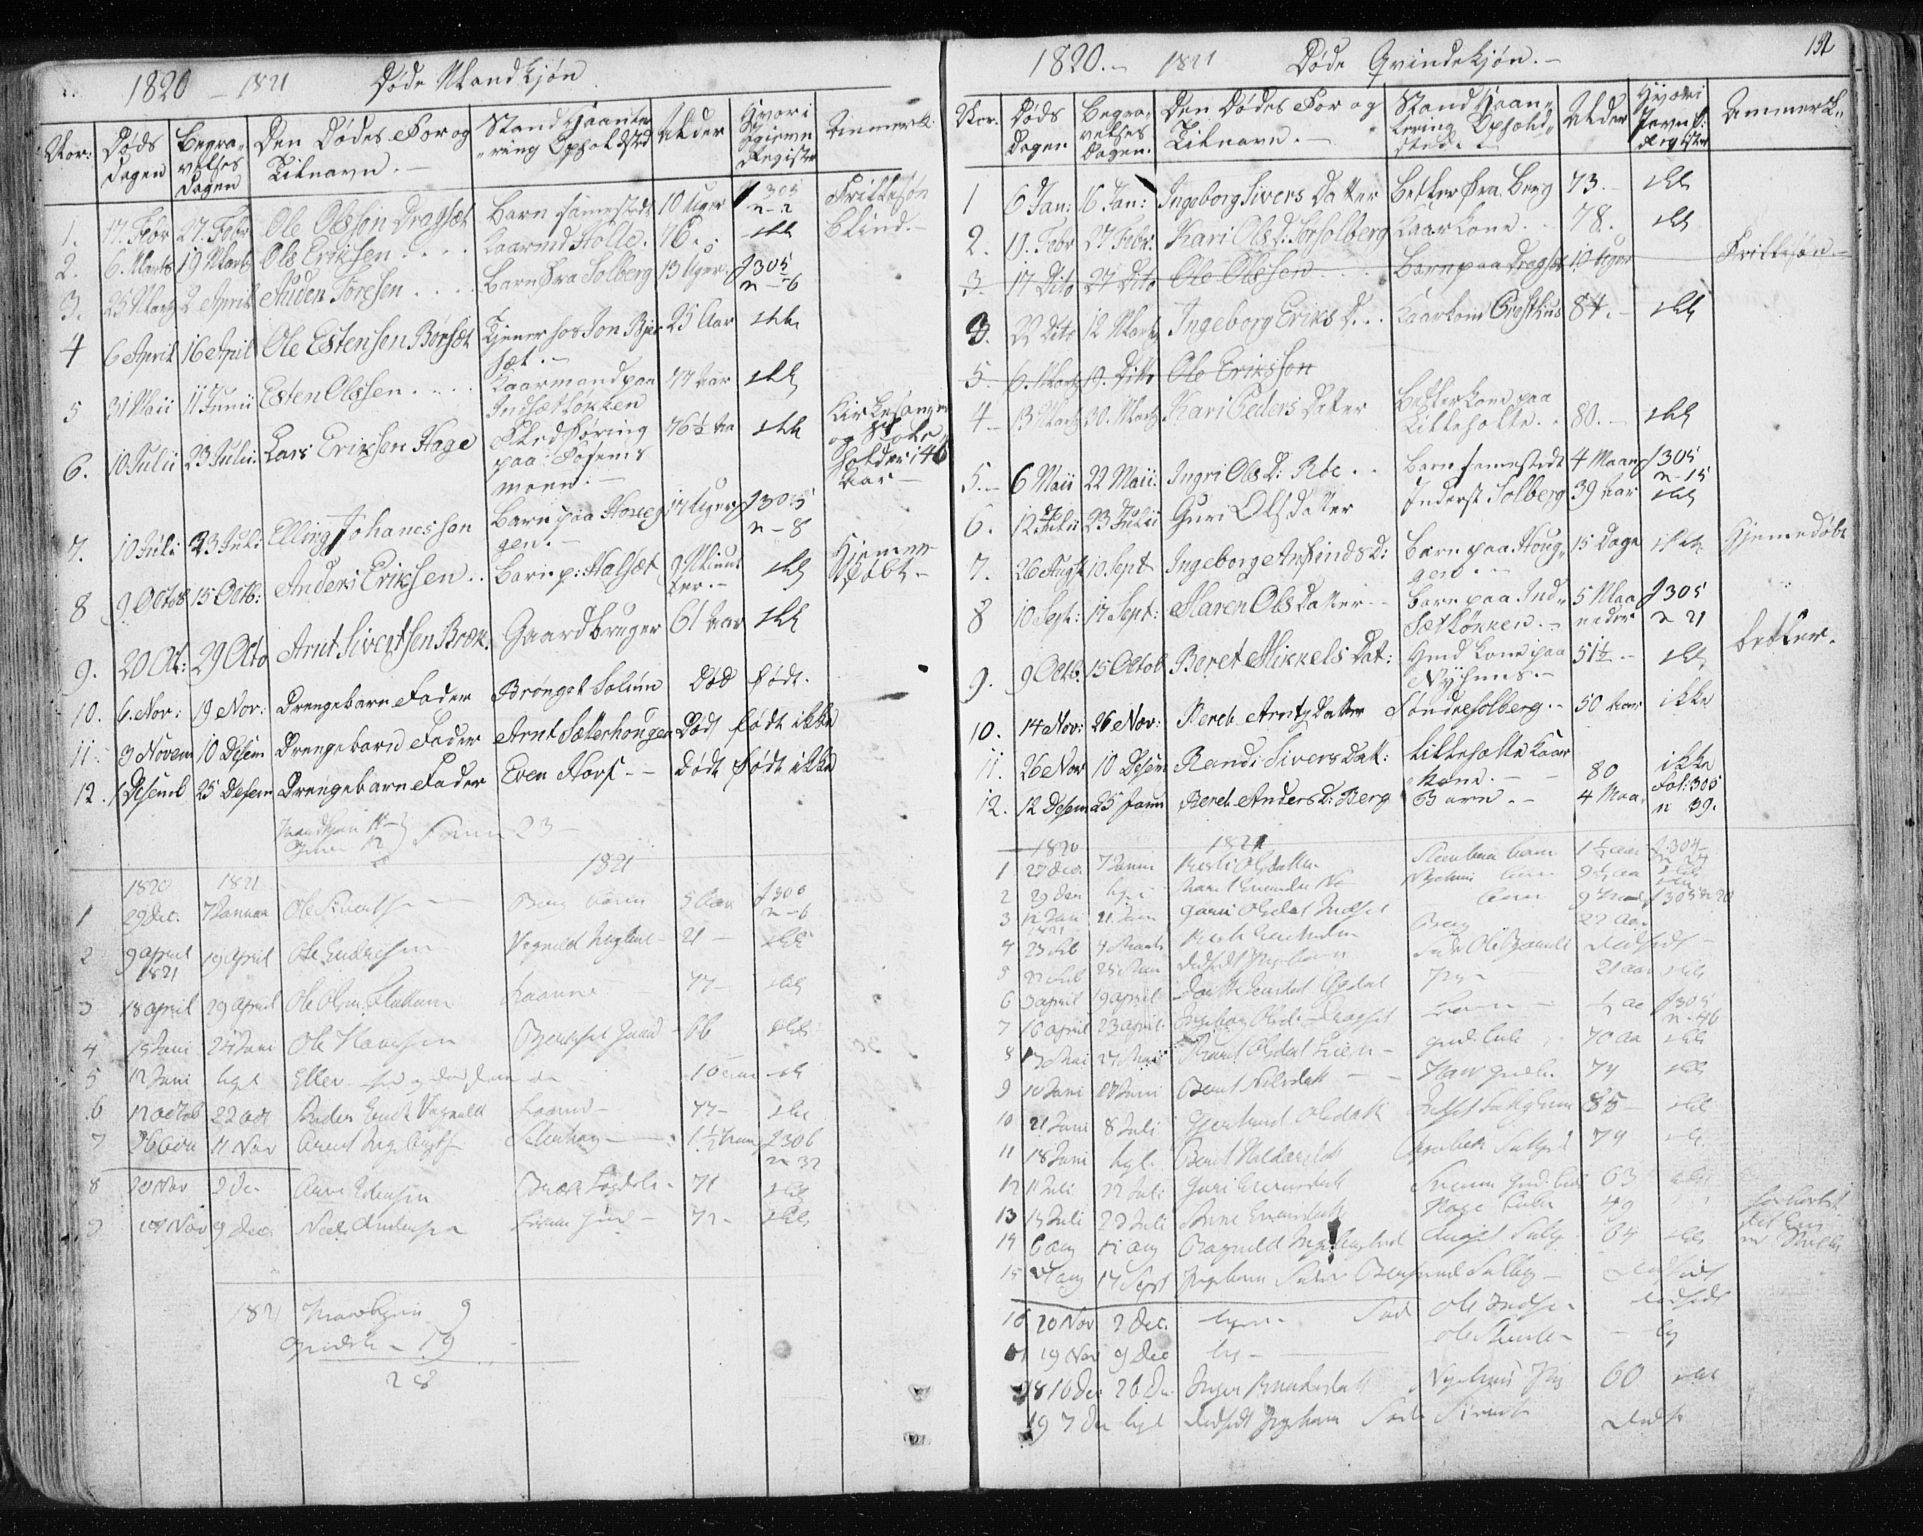 SAT, Ministerialprotokoller, klokkerbøker og fødselsregistre - Sør-Trøndelag, 689/L1043: Klokkerbok nr. 689C02, 1816-1892, s. 152